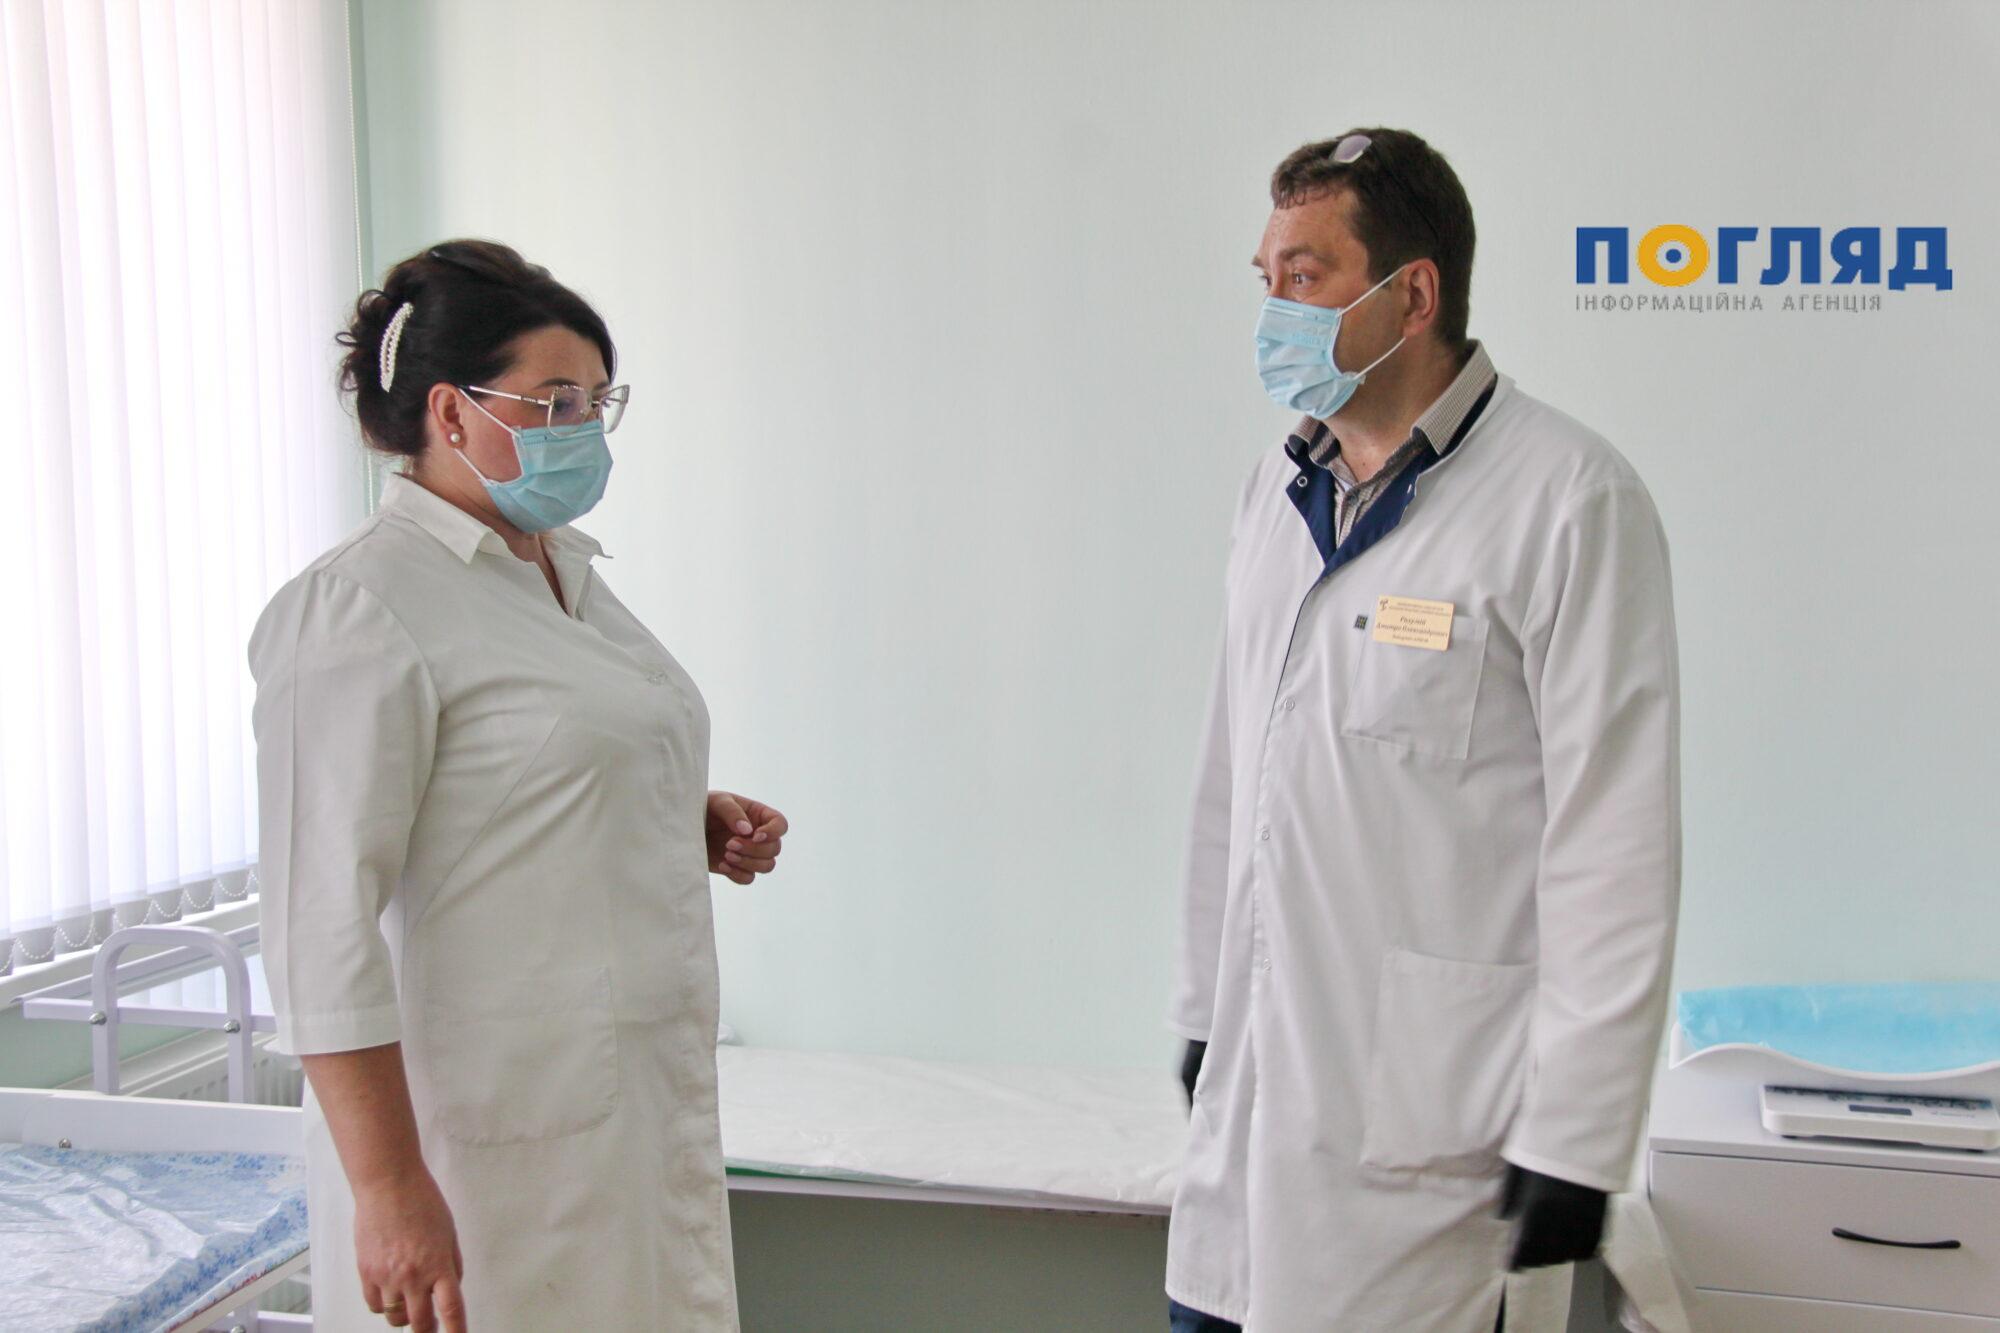 Коронавірус на Васильківщині: інтерв'ю з головним лікарем (частина І) - коронавірус - IMG 4911 2000x1333